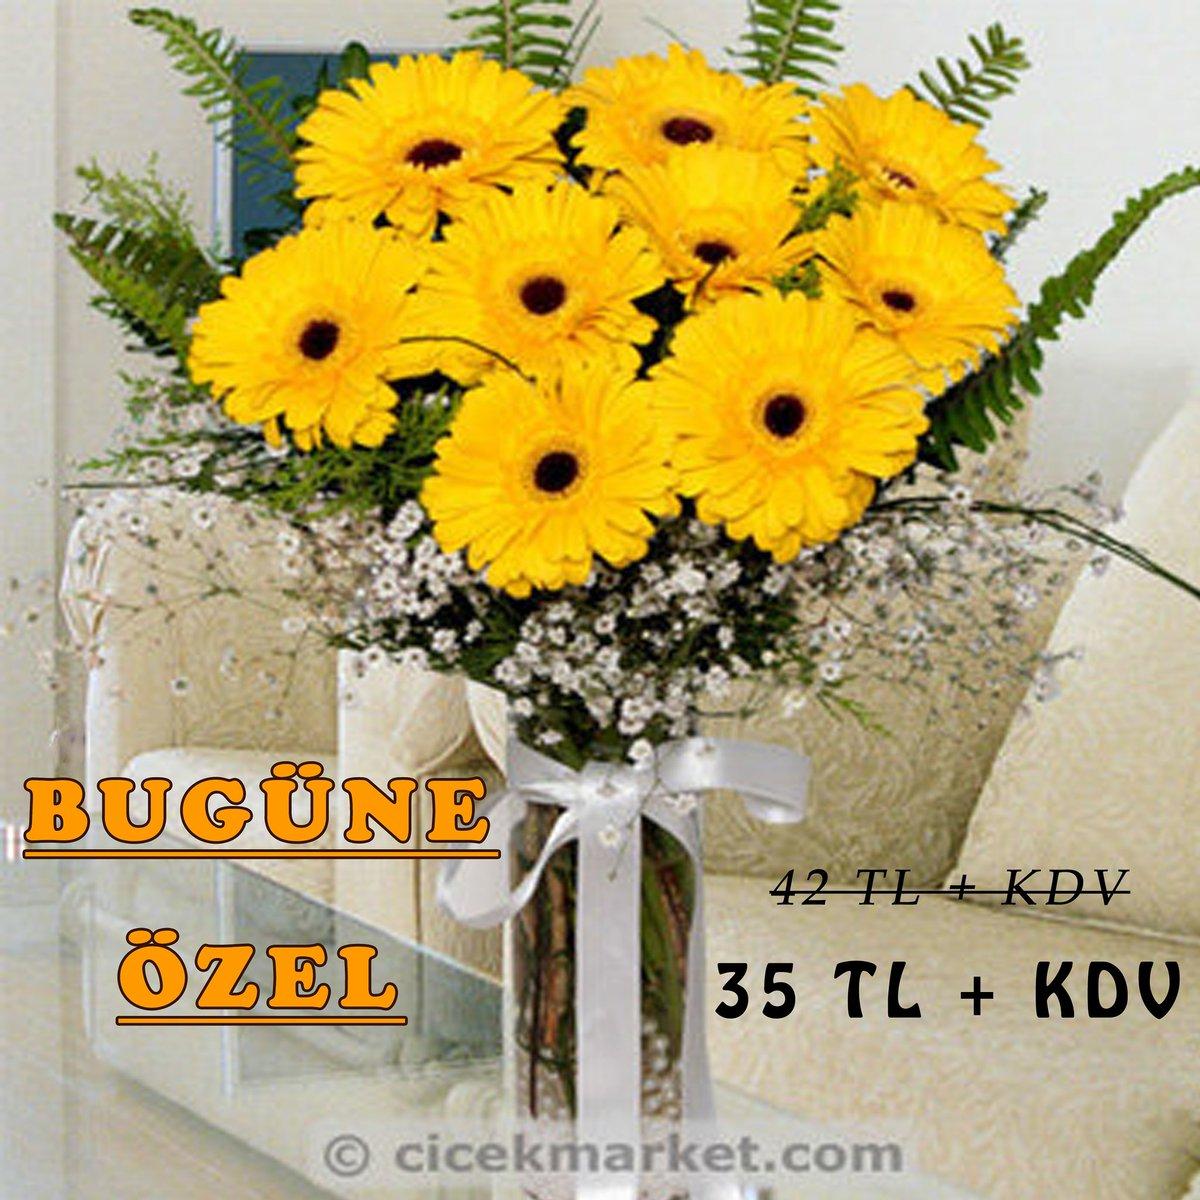 çiçek Market On Twitter Bugüne özel Büyük Indirim Httpstco